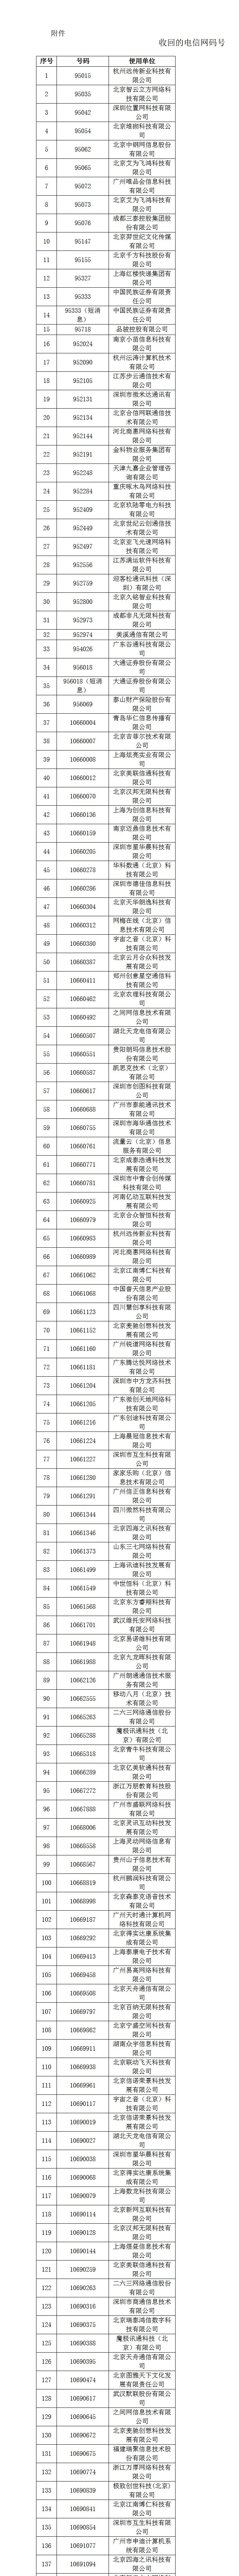 工信部收回186个电信网码号 涉二六三、朗玛信息等公司